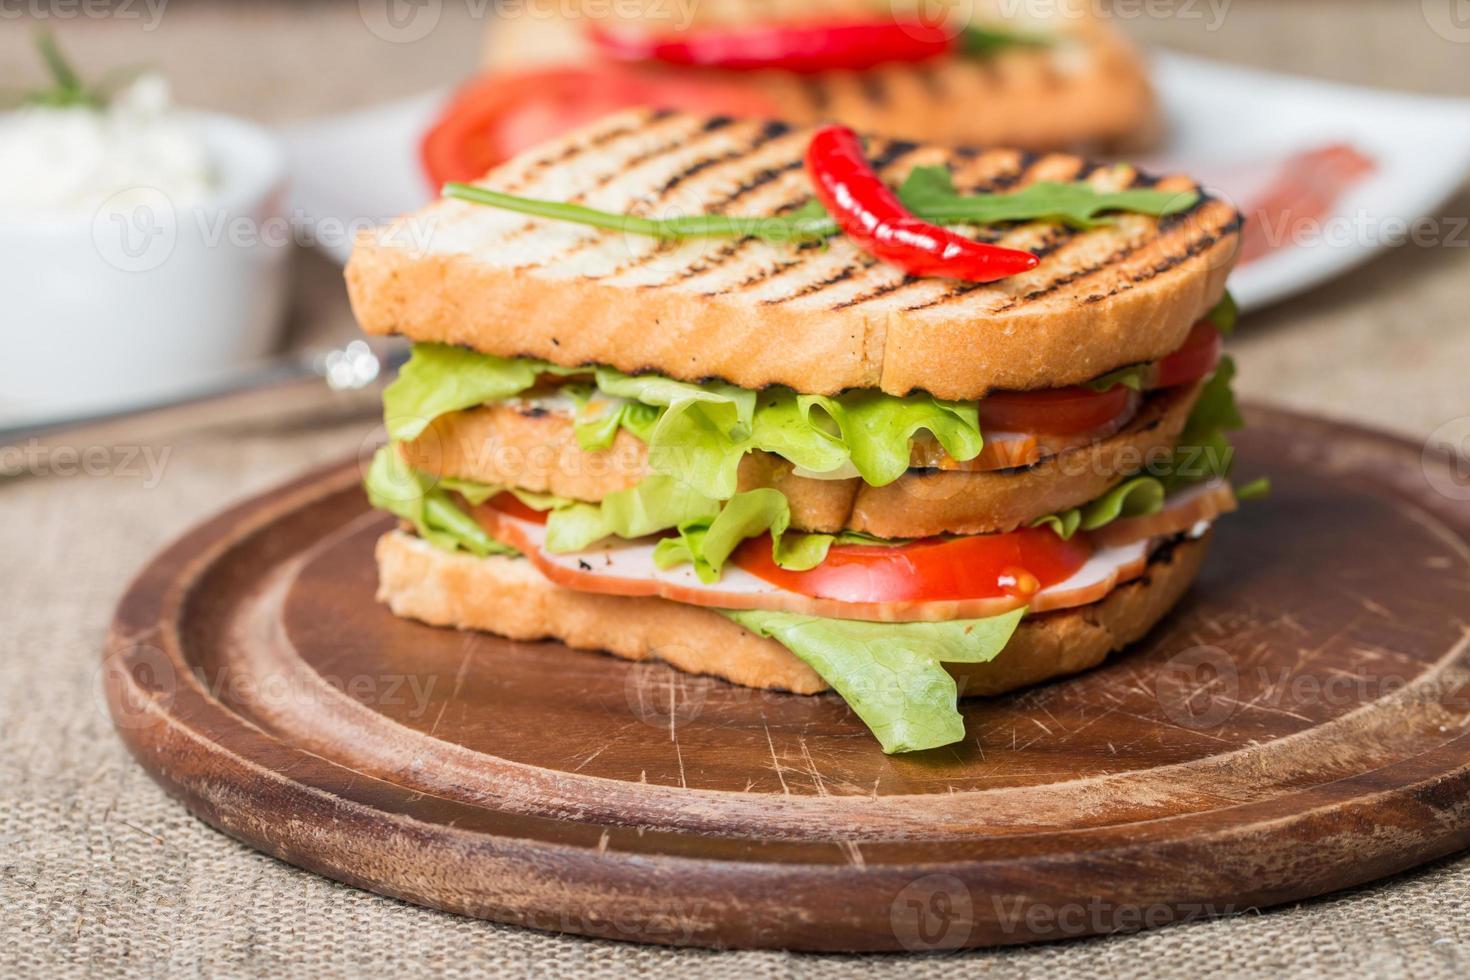 klassisches Club Sandwich mit Speck und Gemüse foto